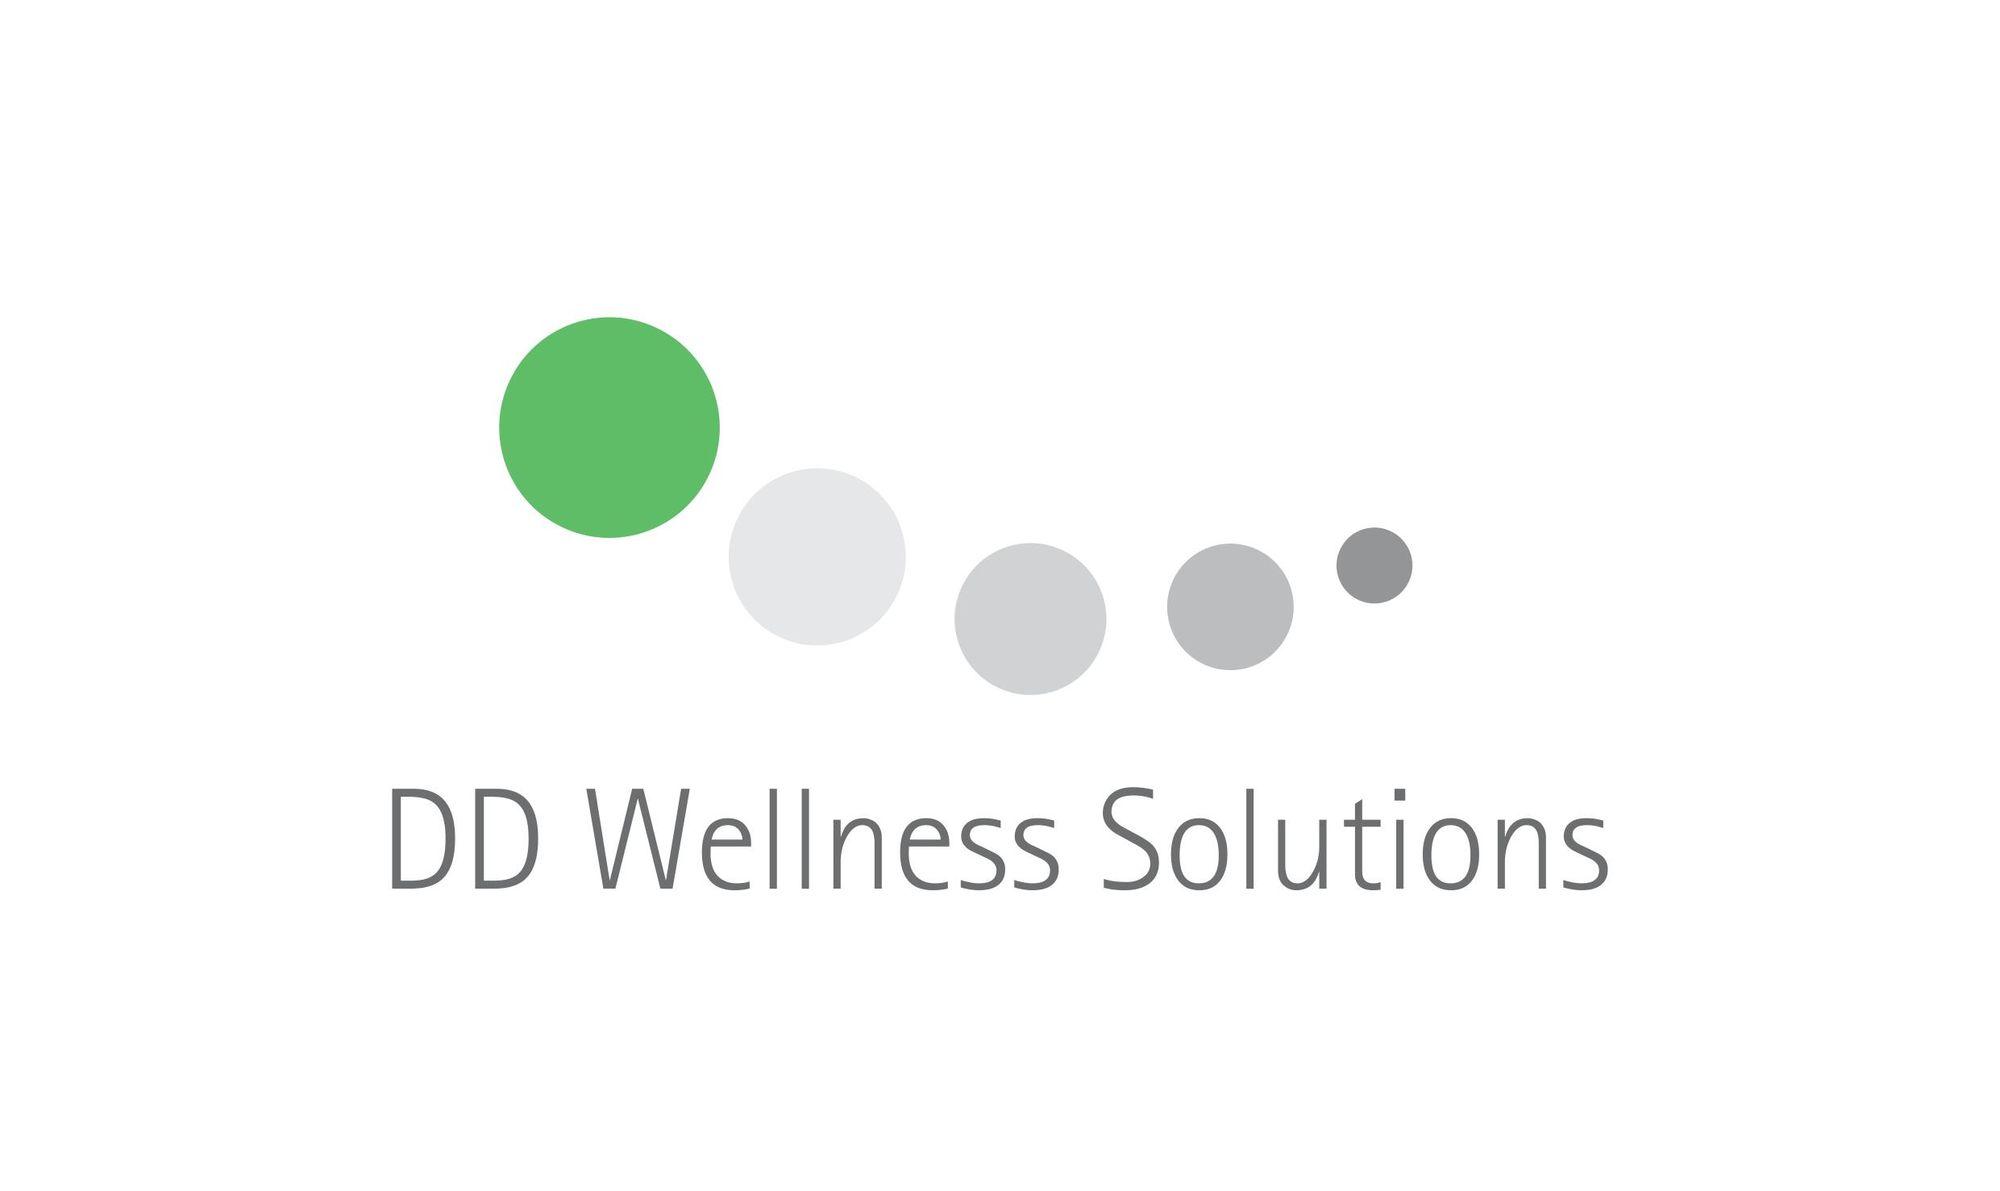 DD Wellness Solutions d.o.o.